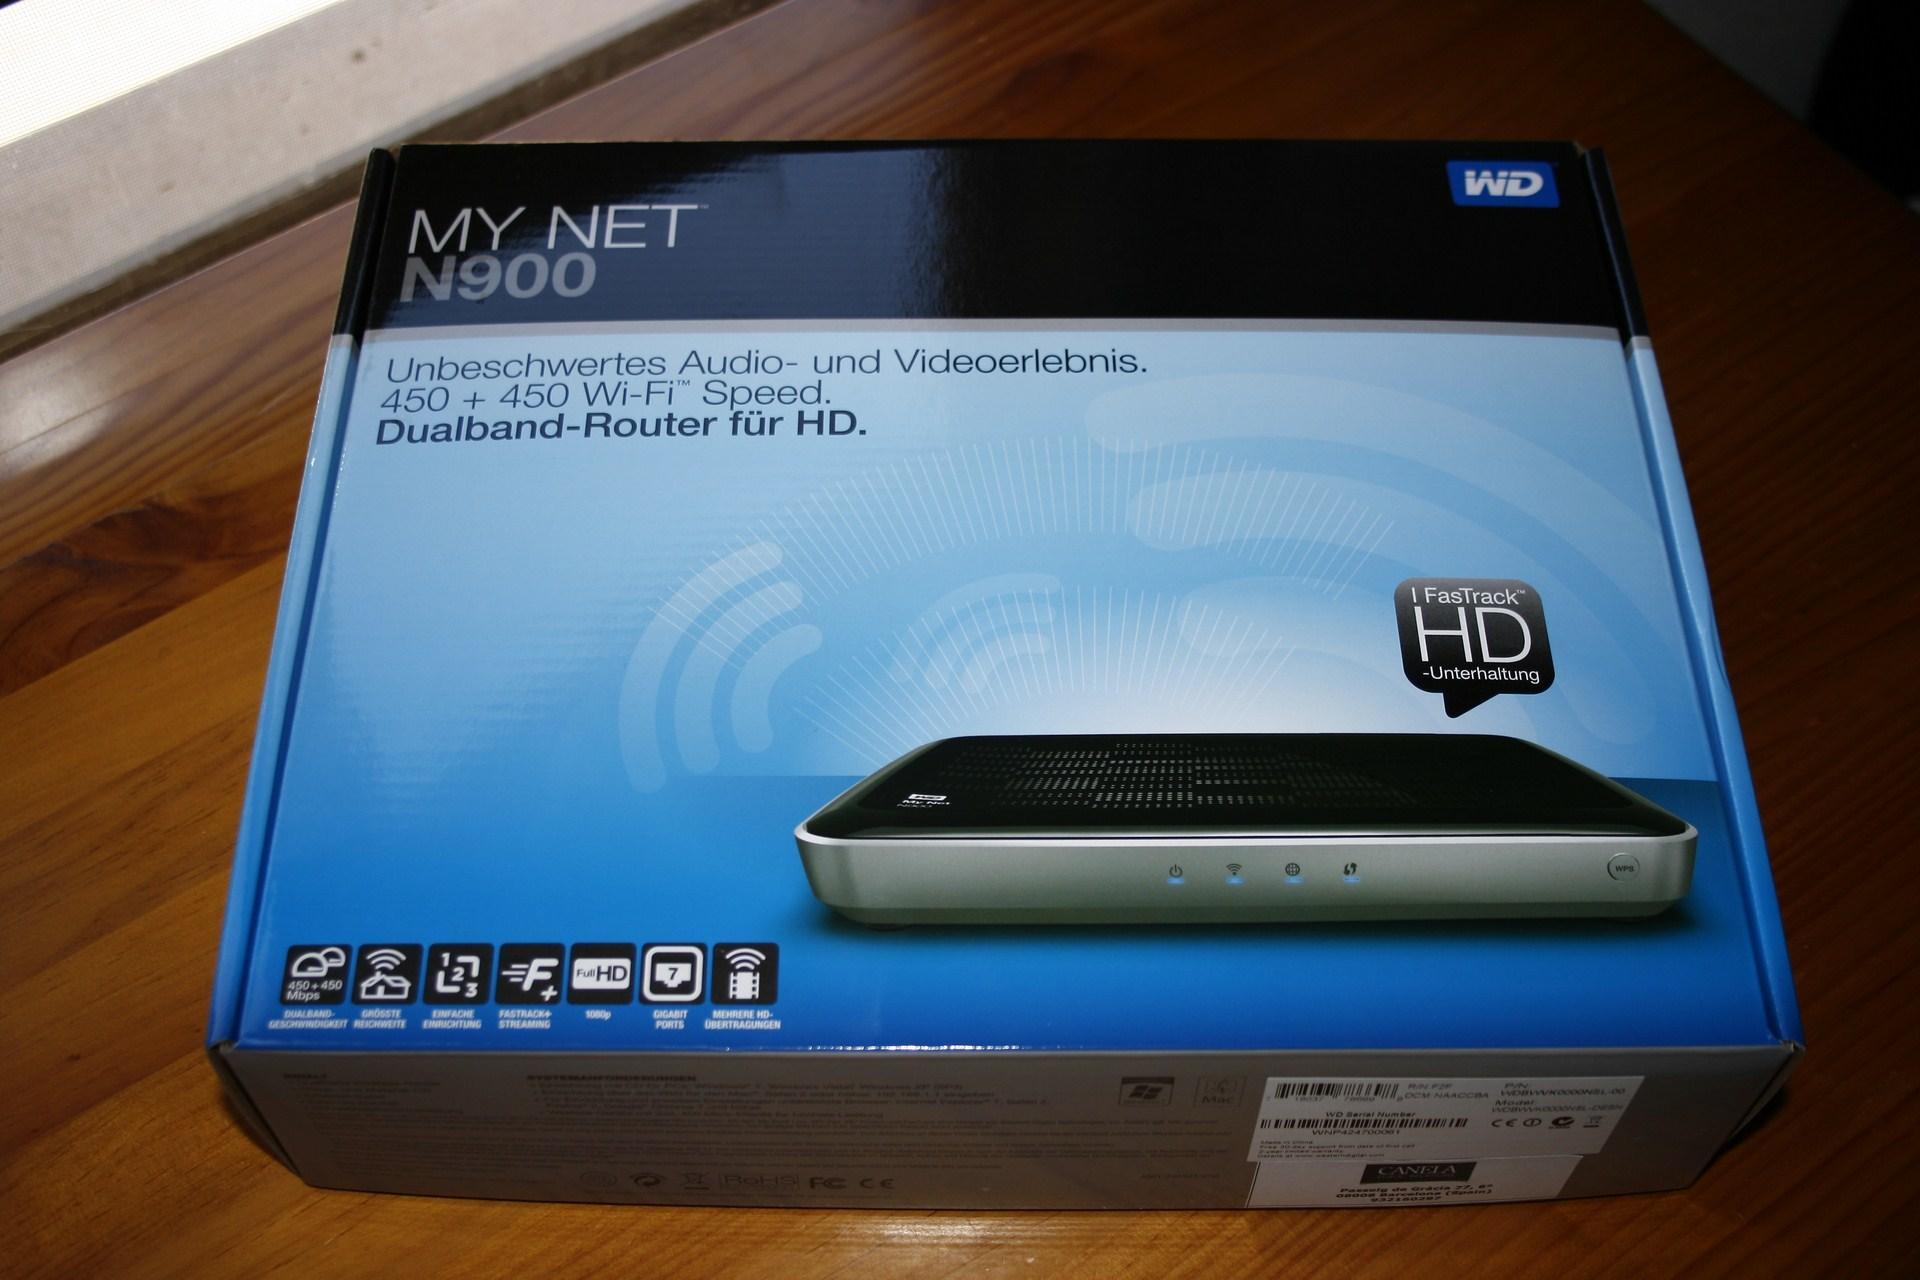 My Net N900 Firmware